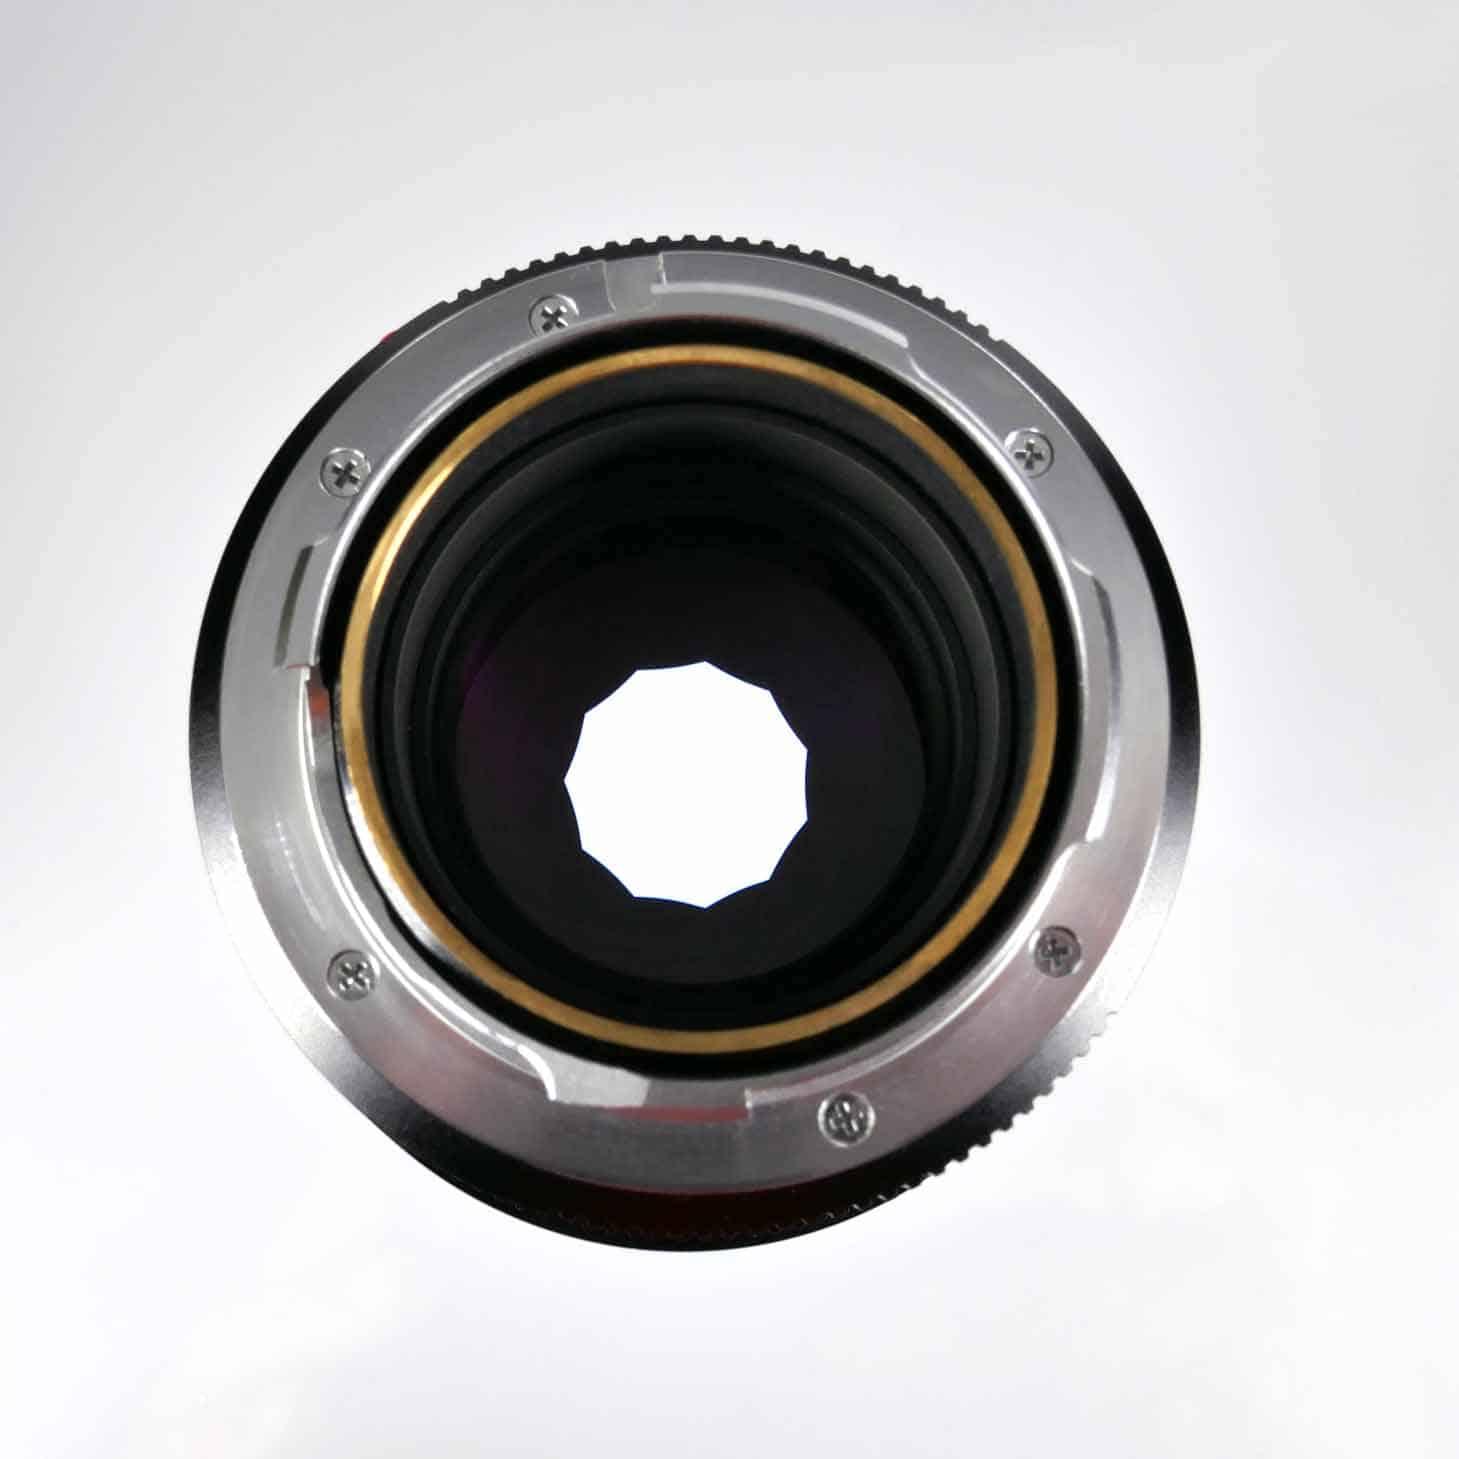 clean-cameras-LEICA-M-Summicron-90mm_2.0-III-04